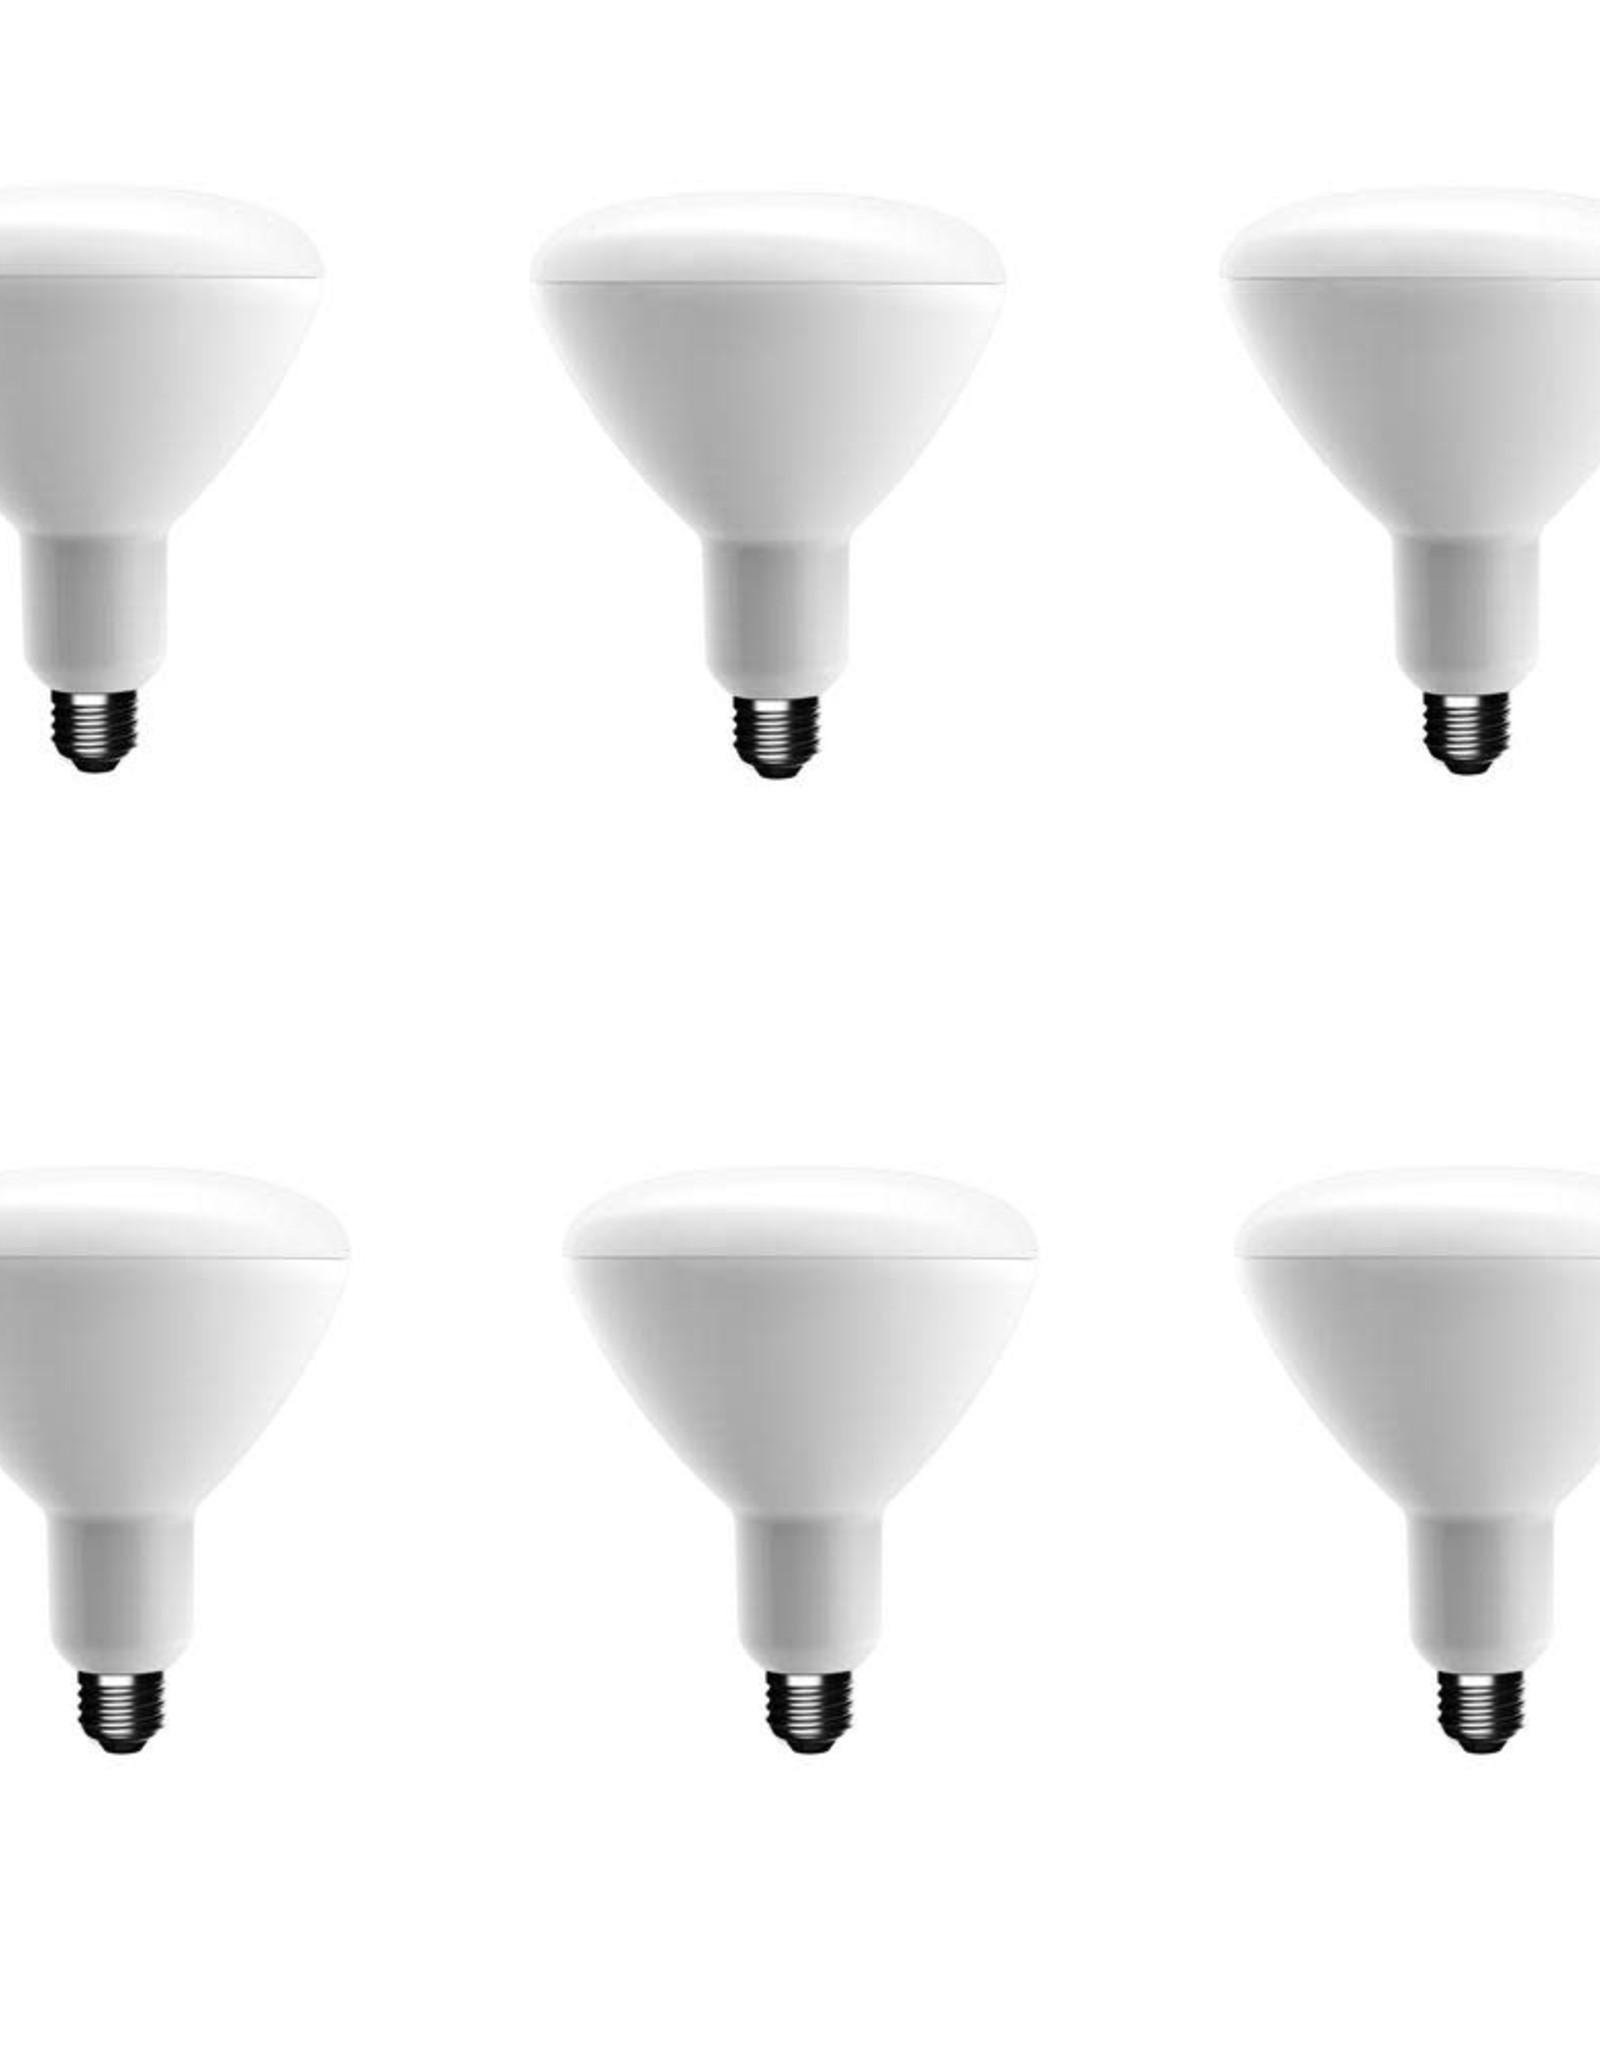 EcoSmart 75-Watt Equivalent B